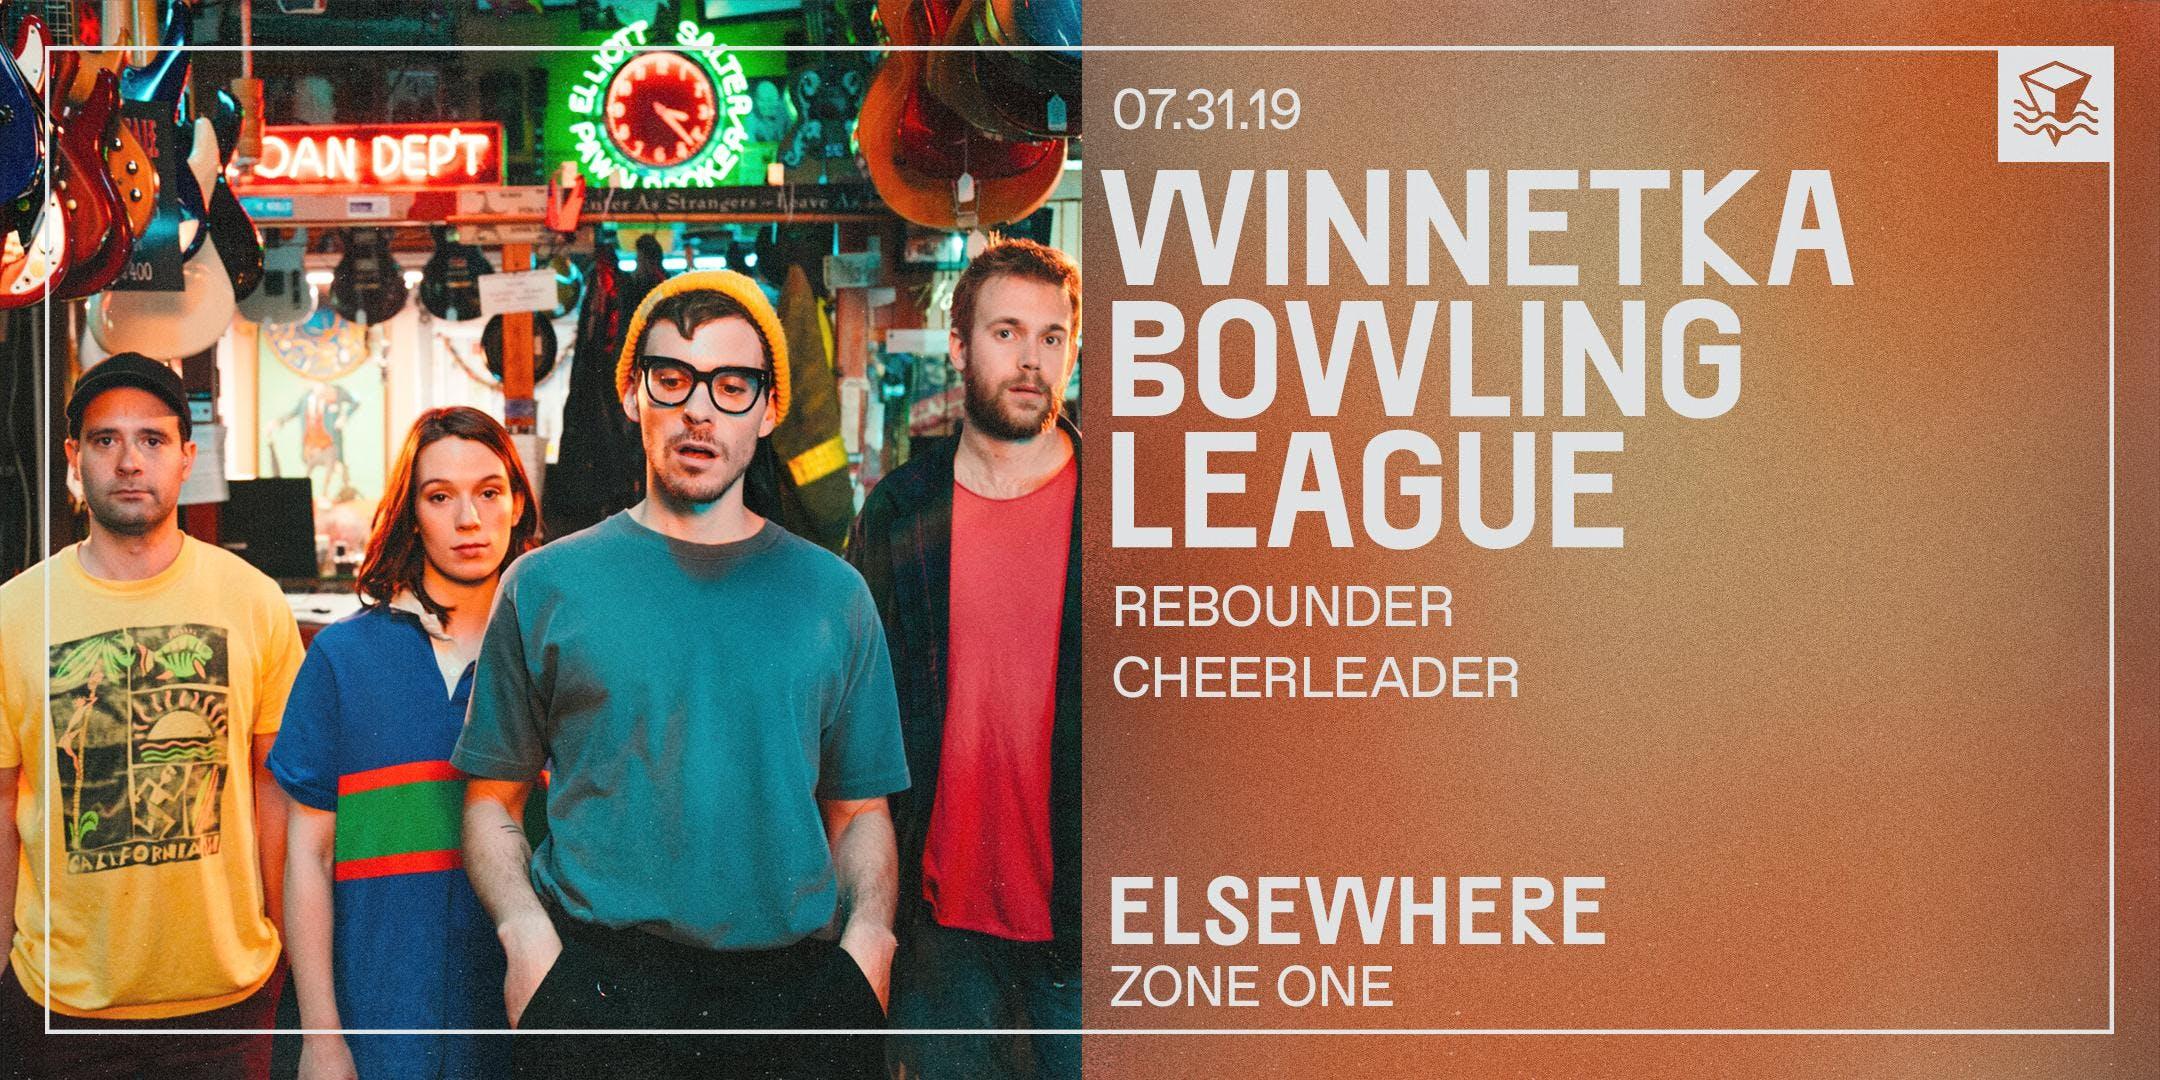 Winnetka Bowling League